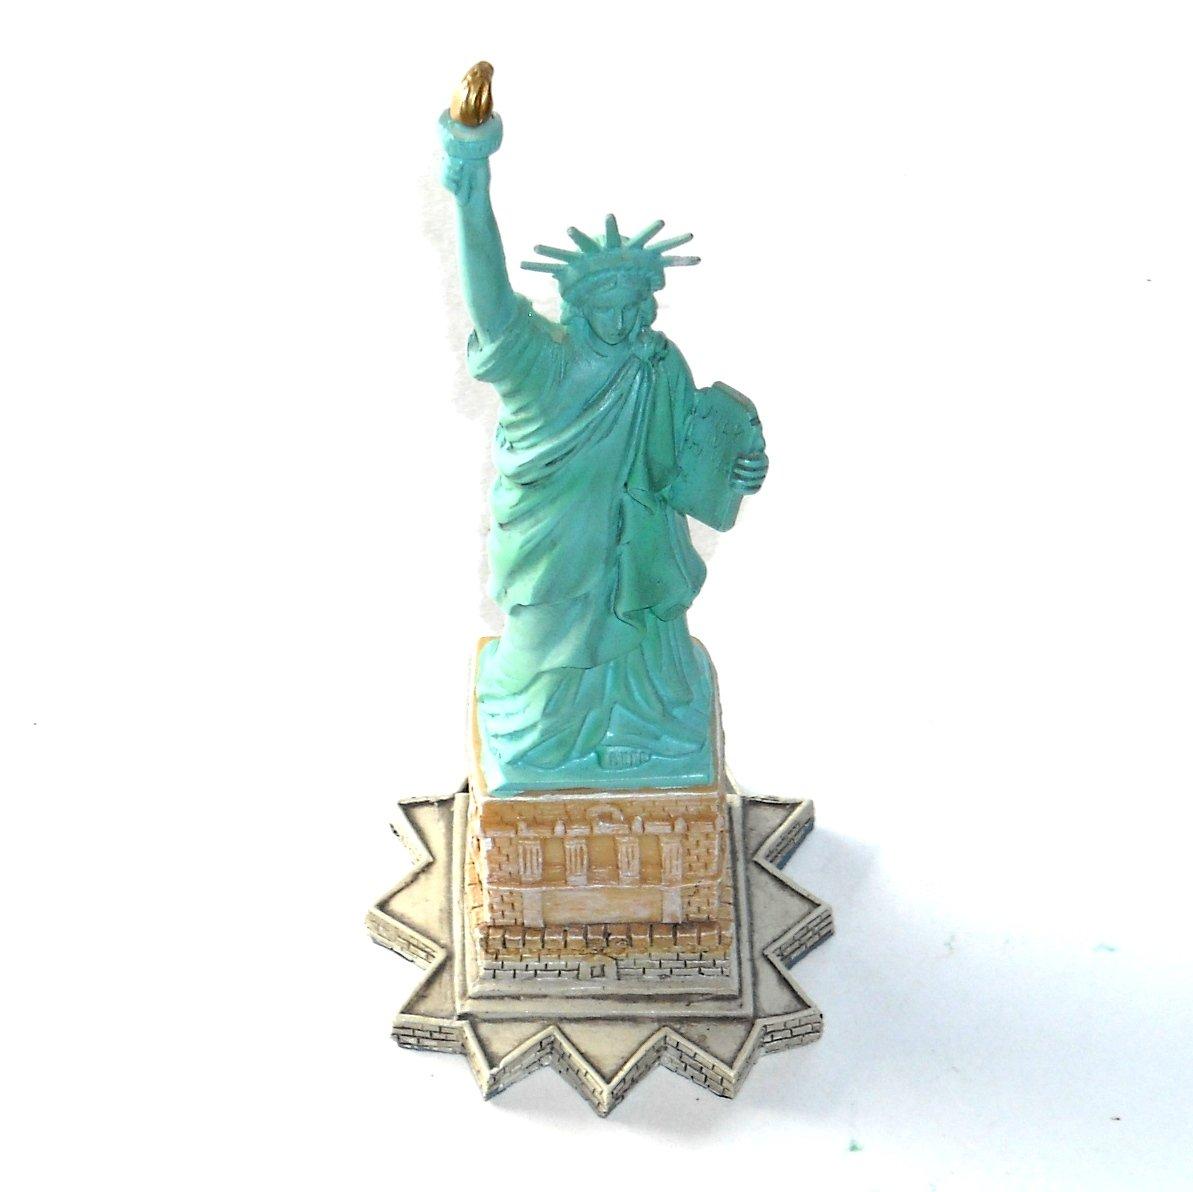 Statue of Liberty Souvenirs Memorabilia Resin Figurine